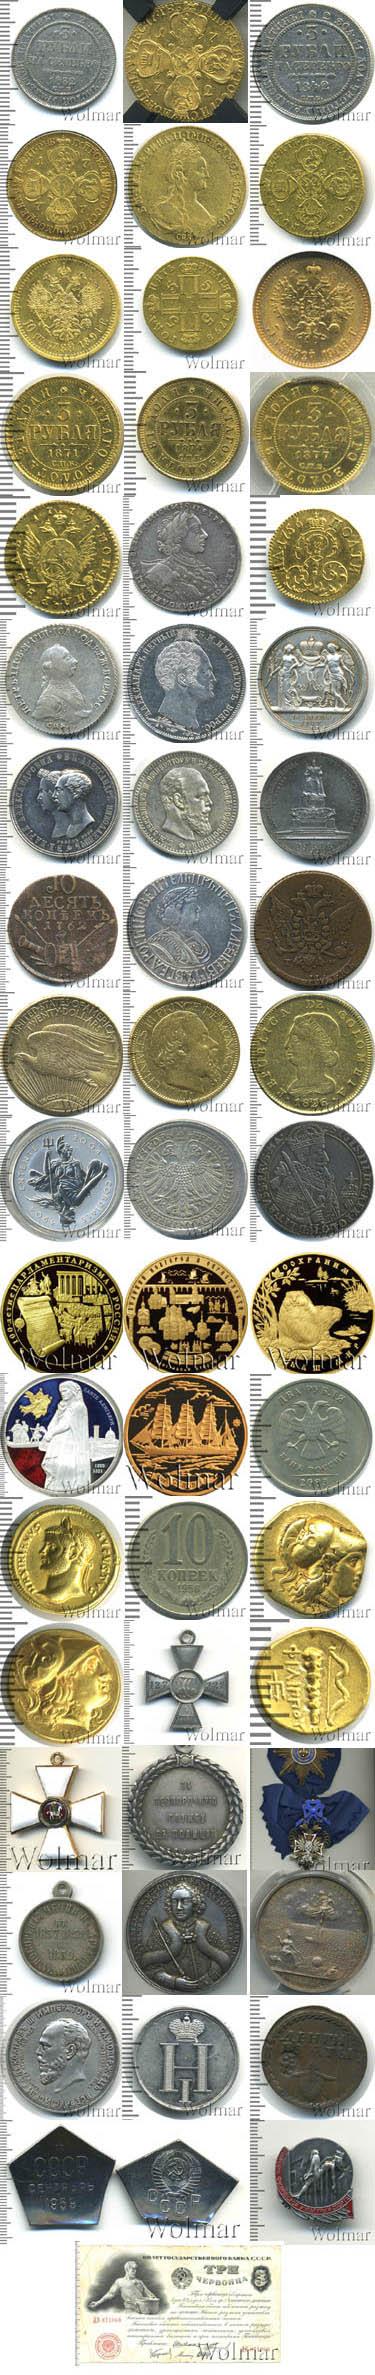 каталог продажи монет россии